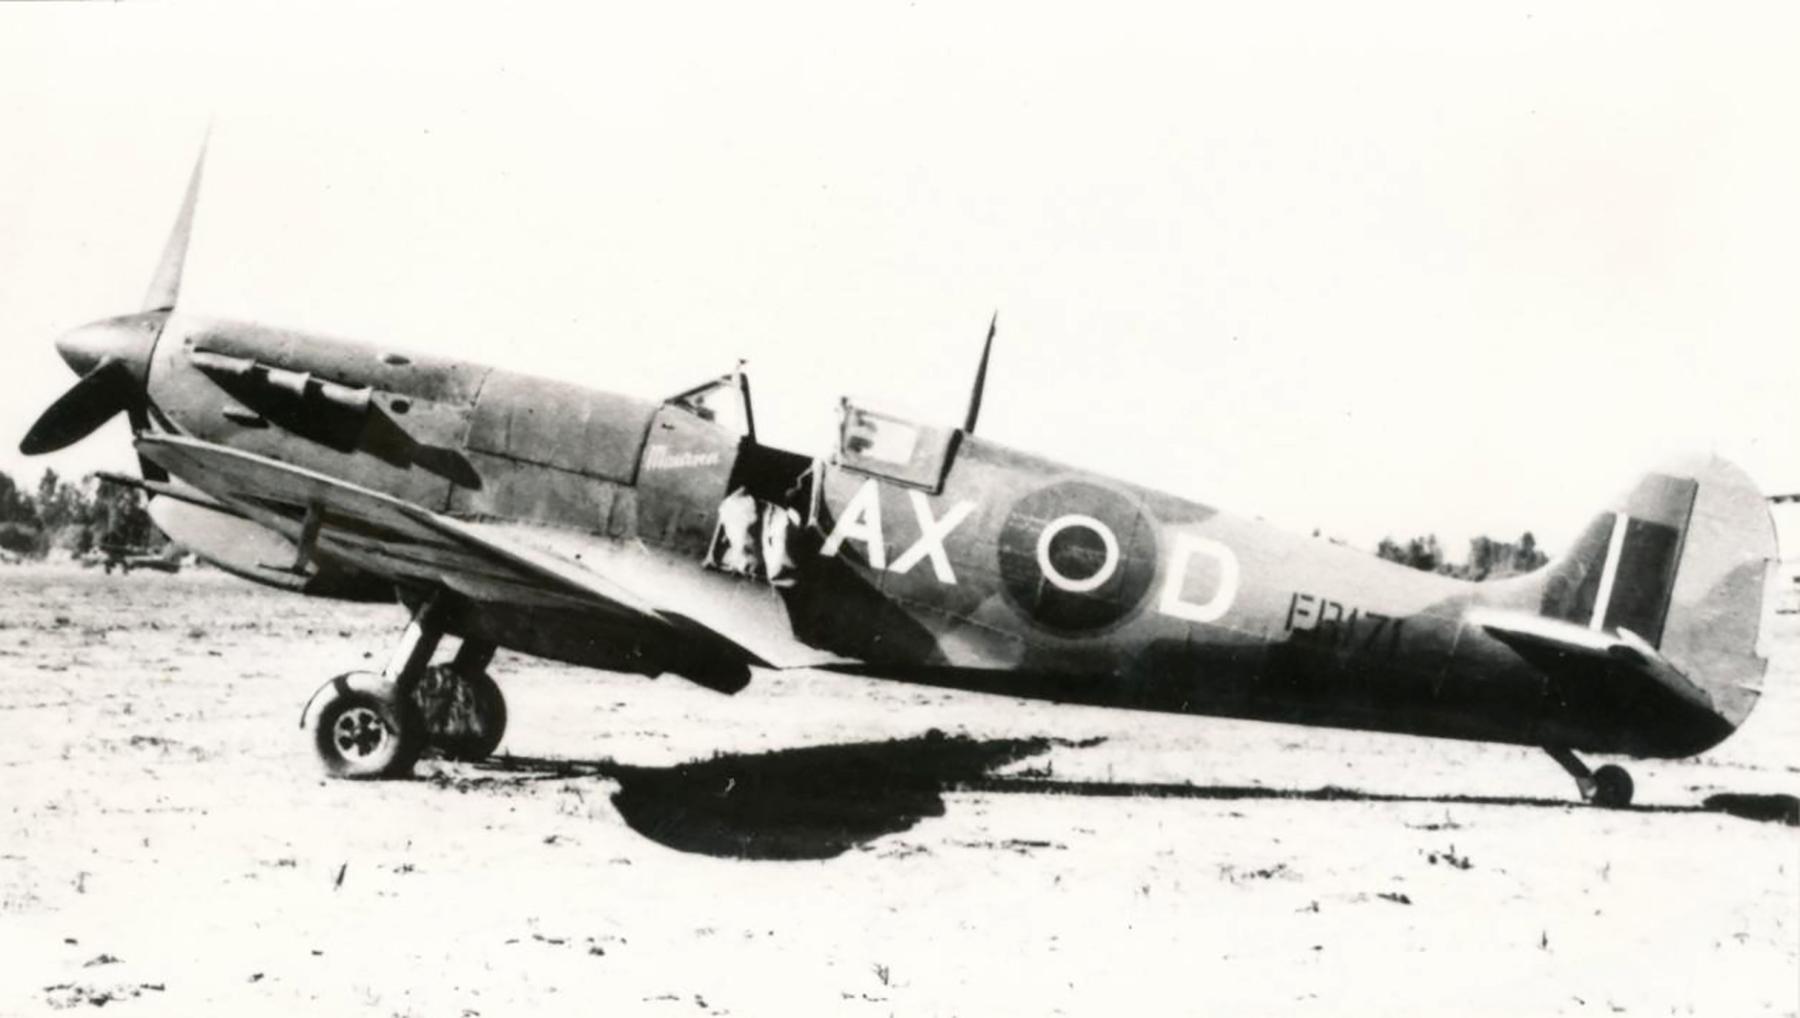 Spitfire MkVbTrop SAAF 1Sqn AXD ER171 Goubrine Tunisia 1943 02